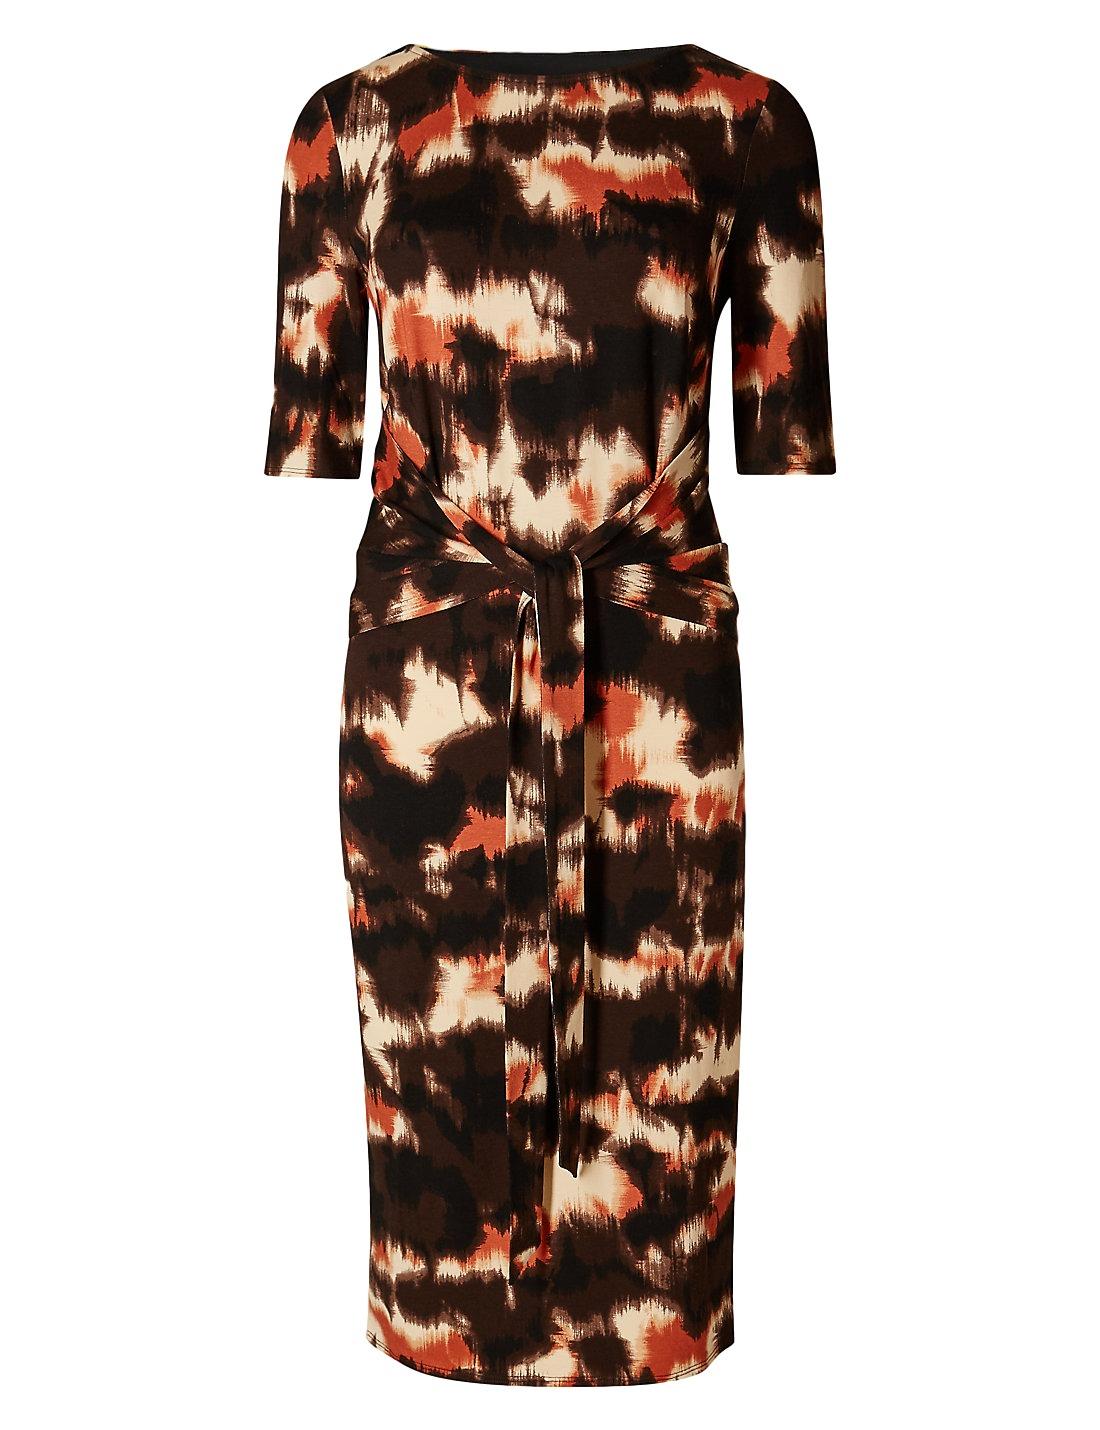 Marks-amp-Spencer-Coleccion-marron-Crema-amp-Negro-Estampado-Elastico-Vestido-Recto